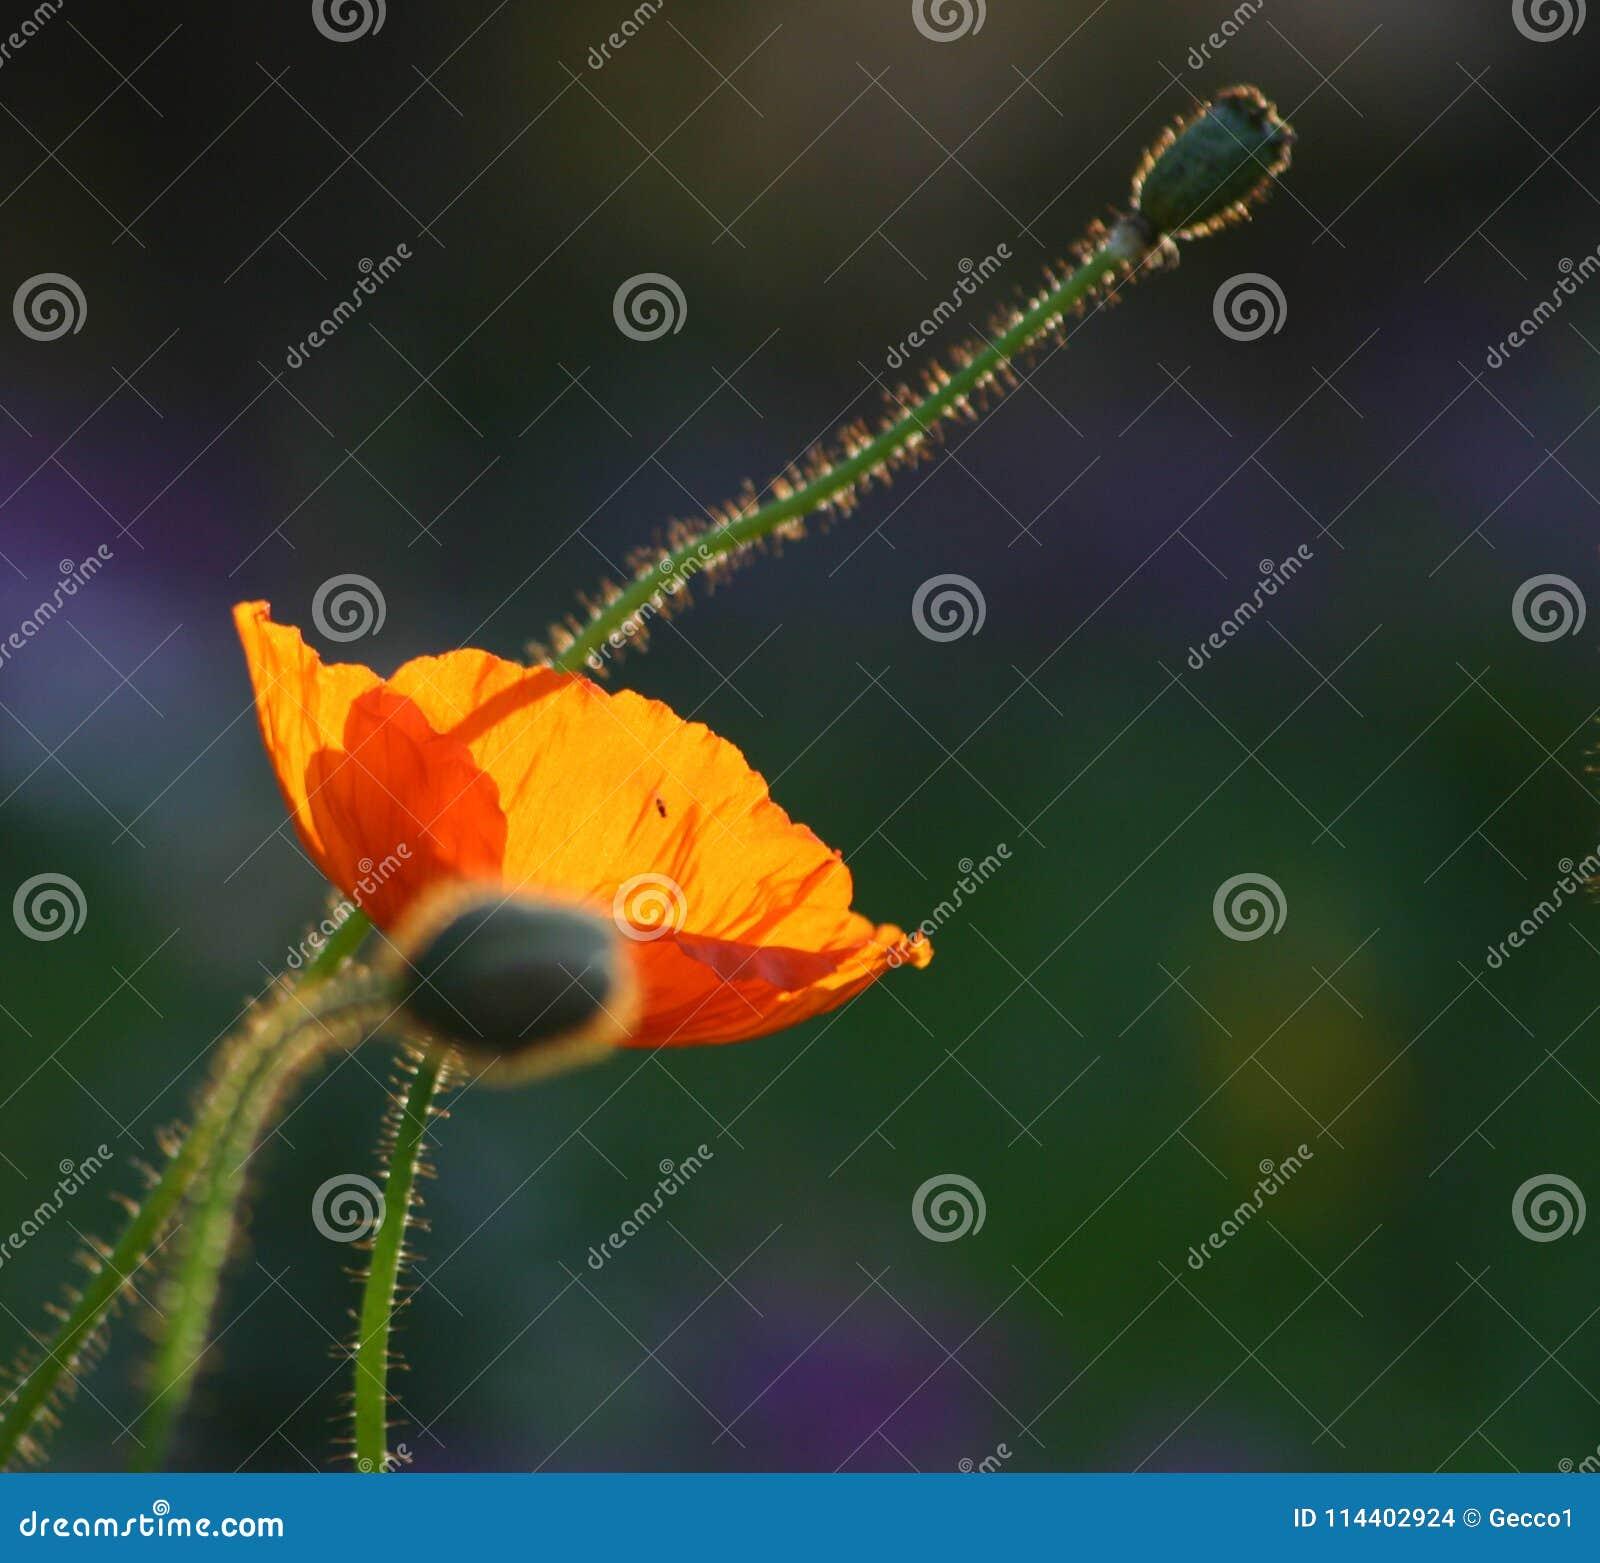 Golden poppy in the sun